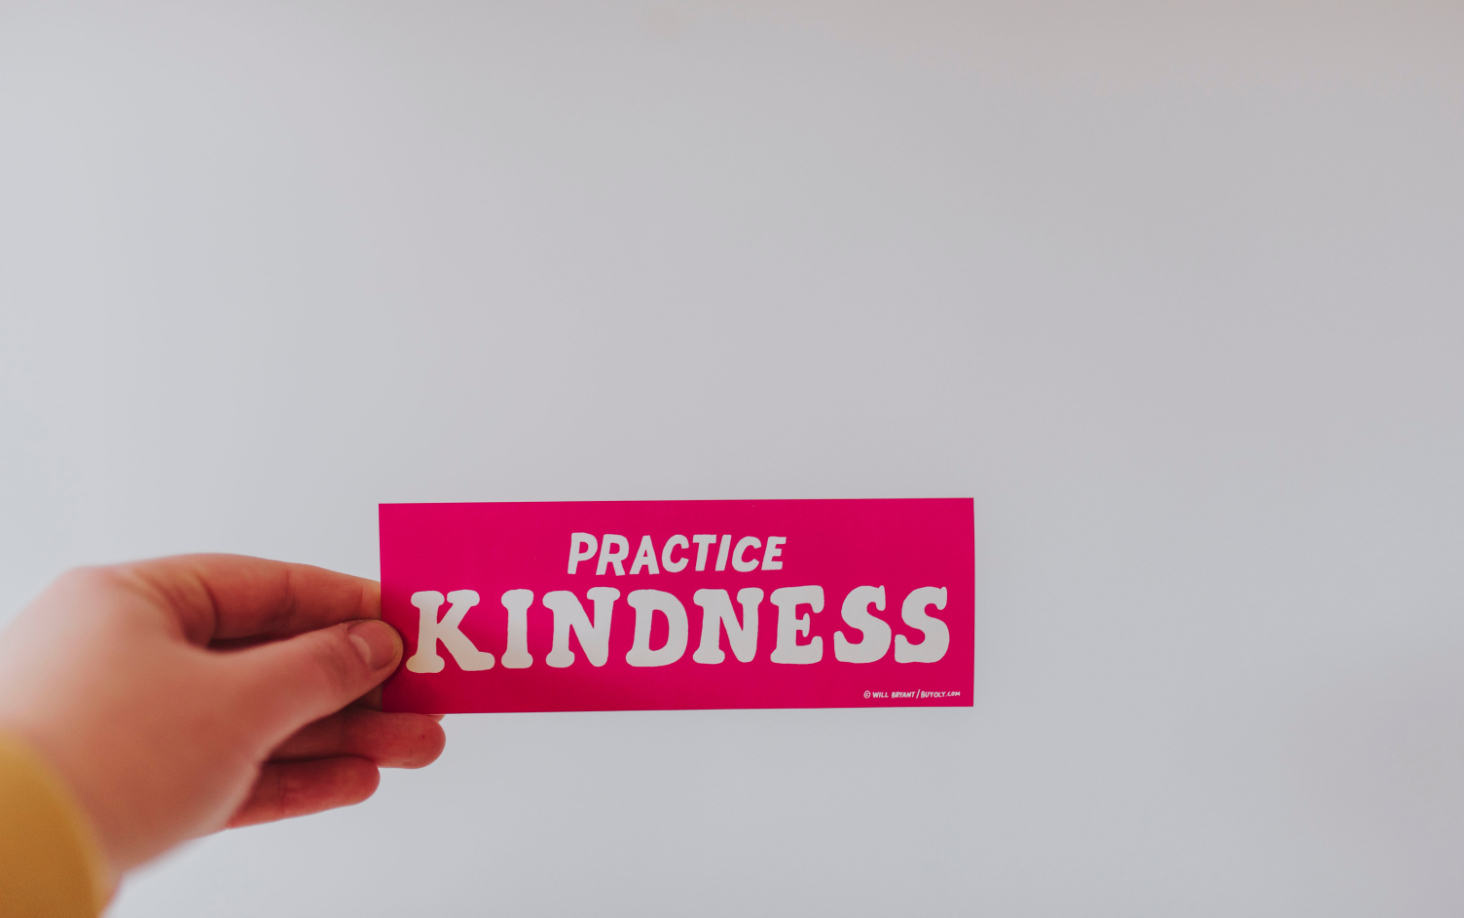 giornata mondiale gentilezza